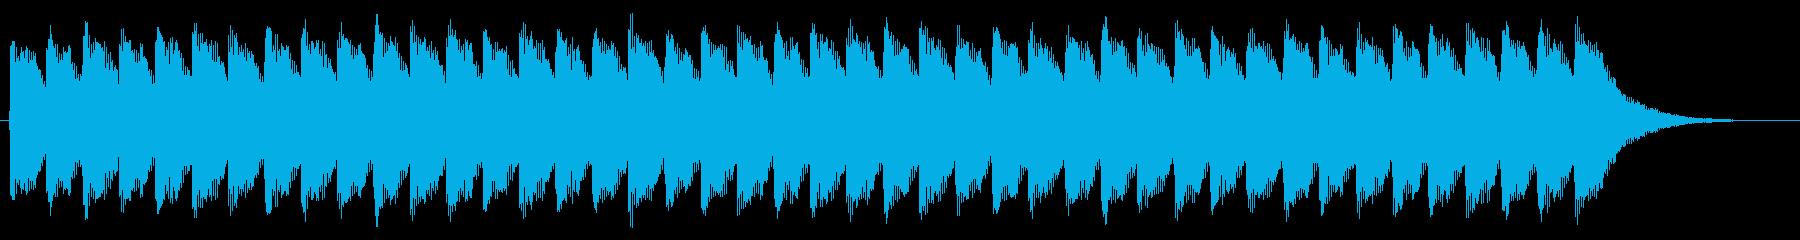 踏切 警報音01-2の再生済みの波形